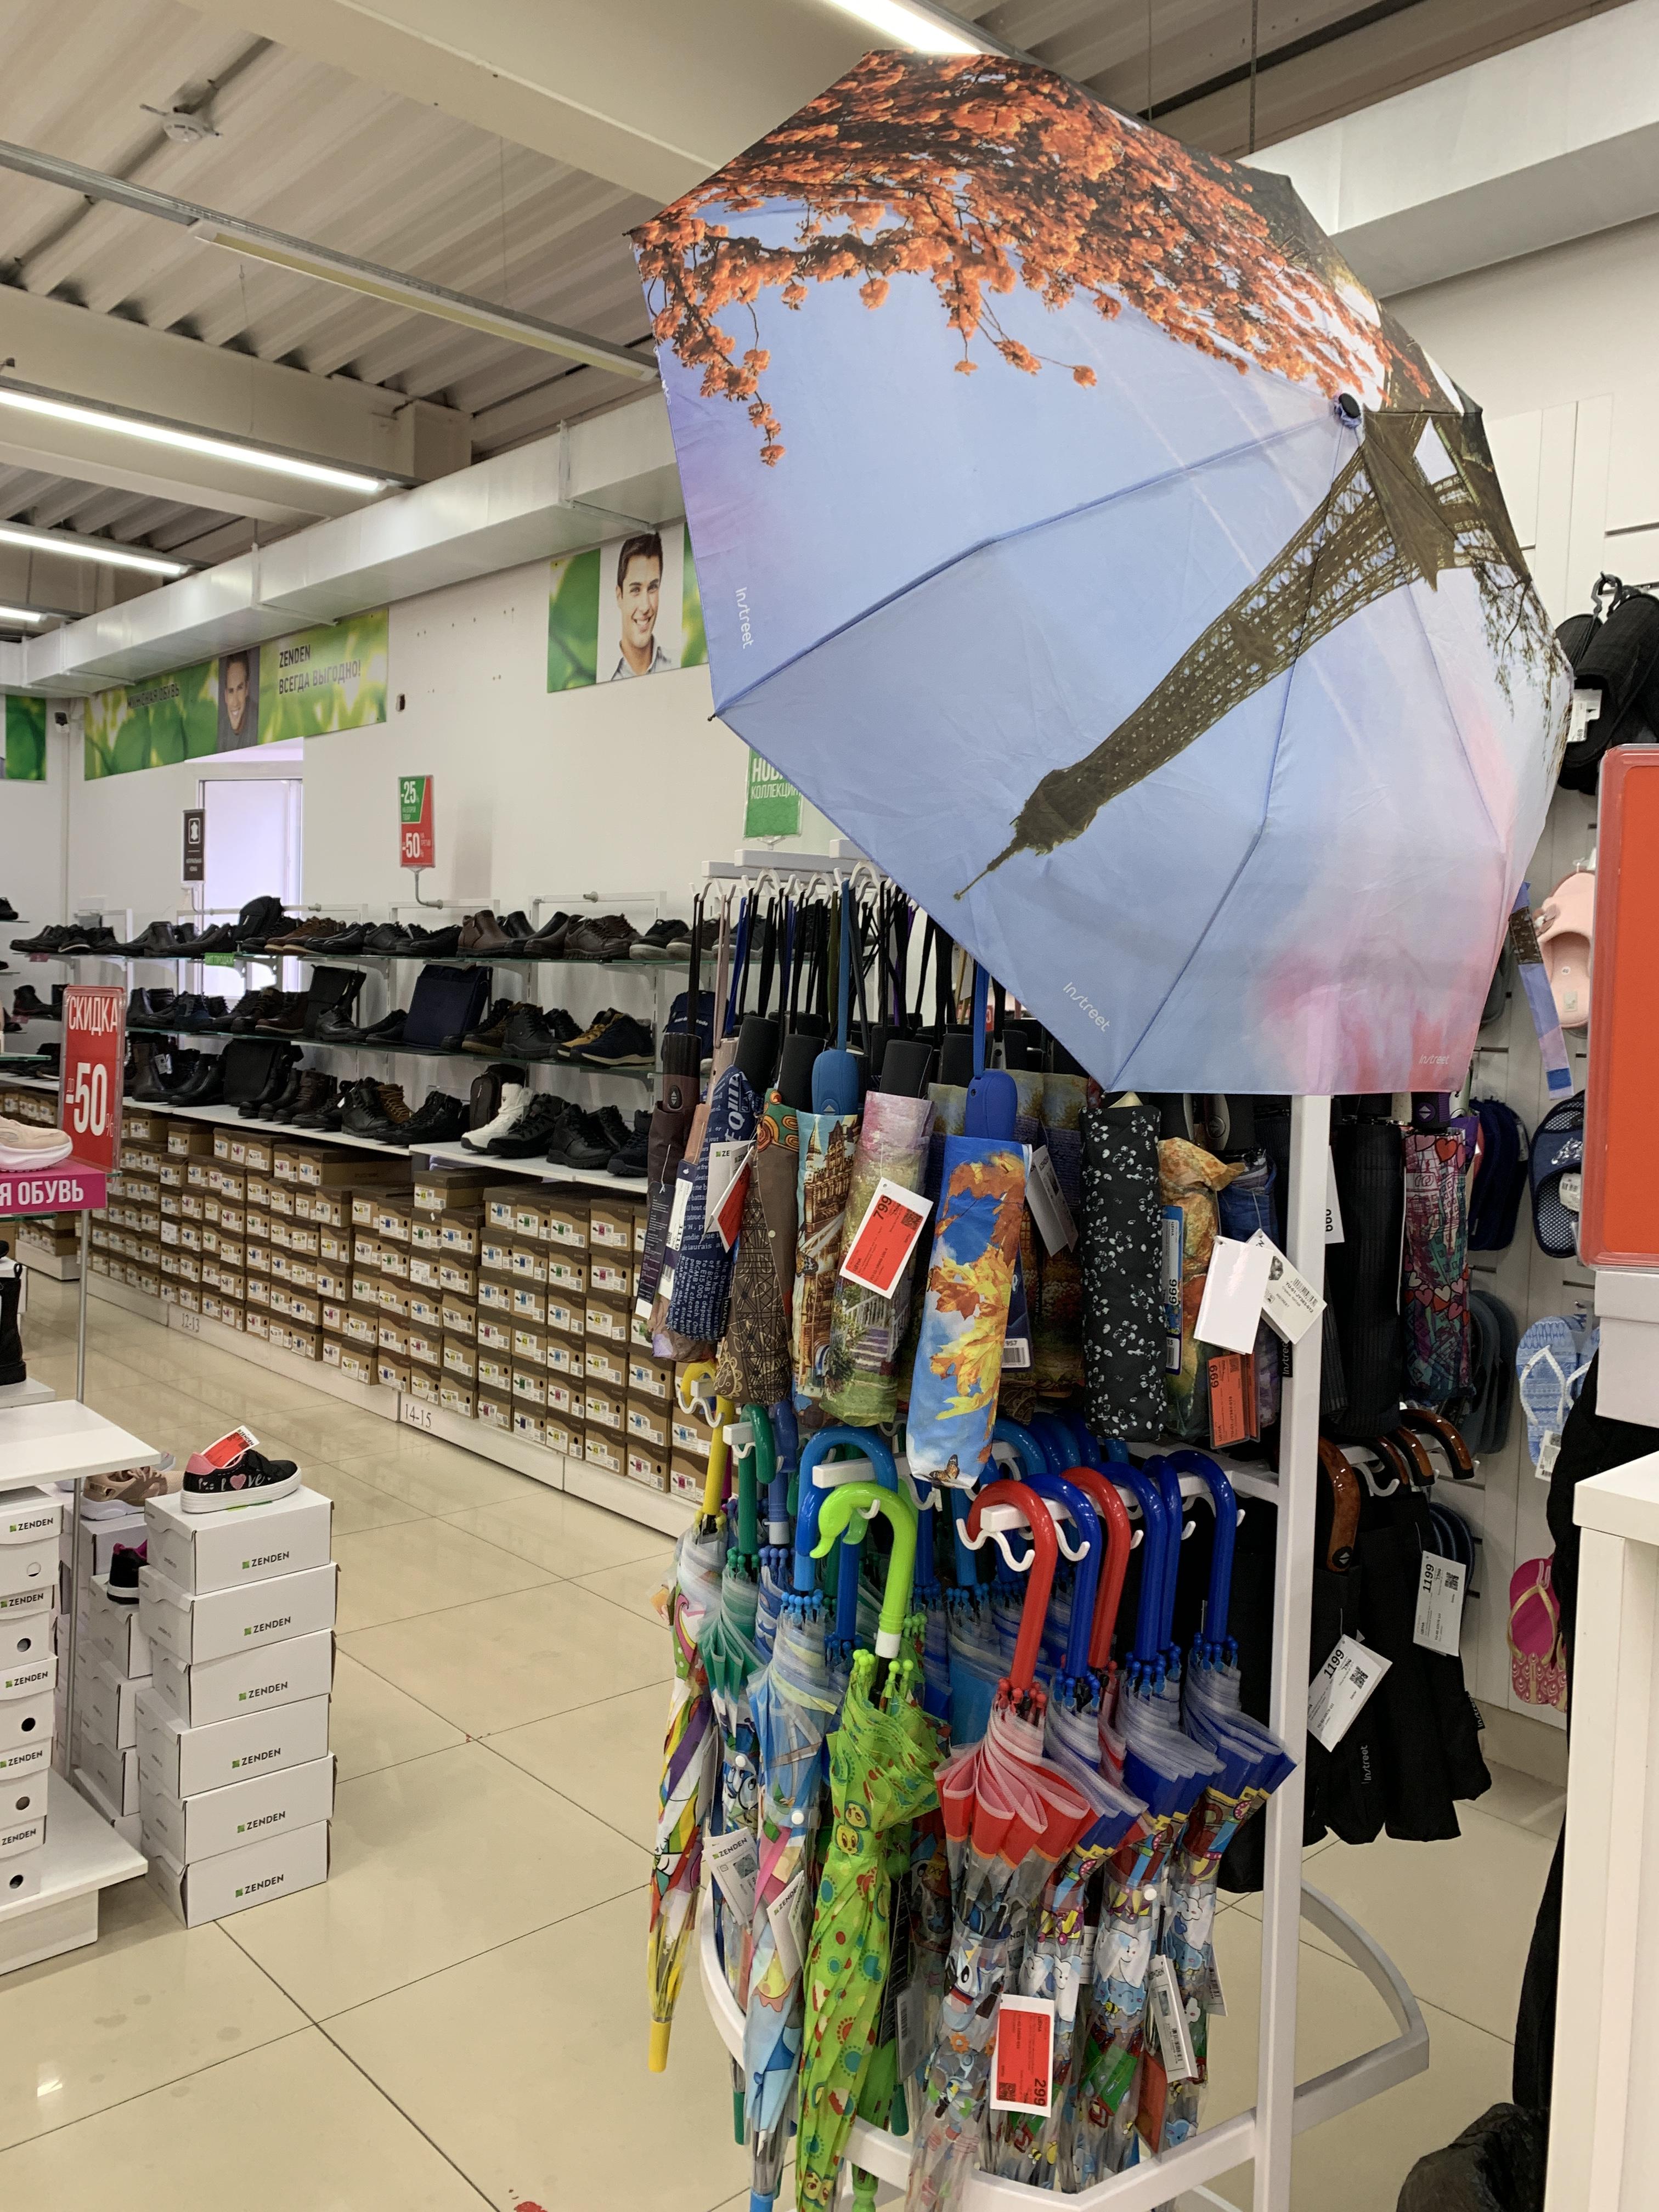 Складывающиеся зонты занимают мало места, но менее надежны, чем зонты-трости.